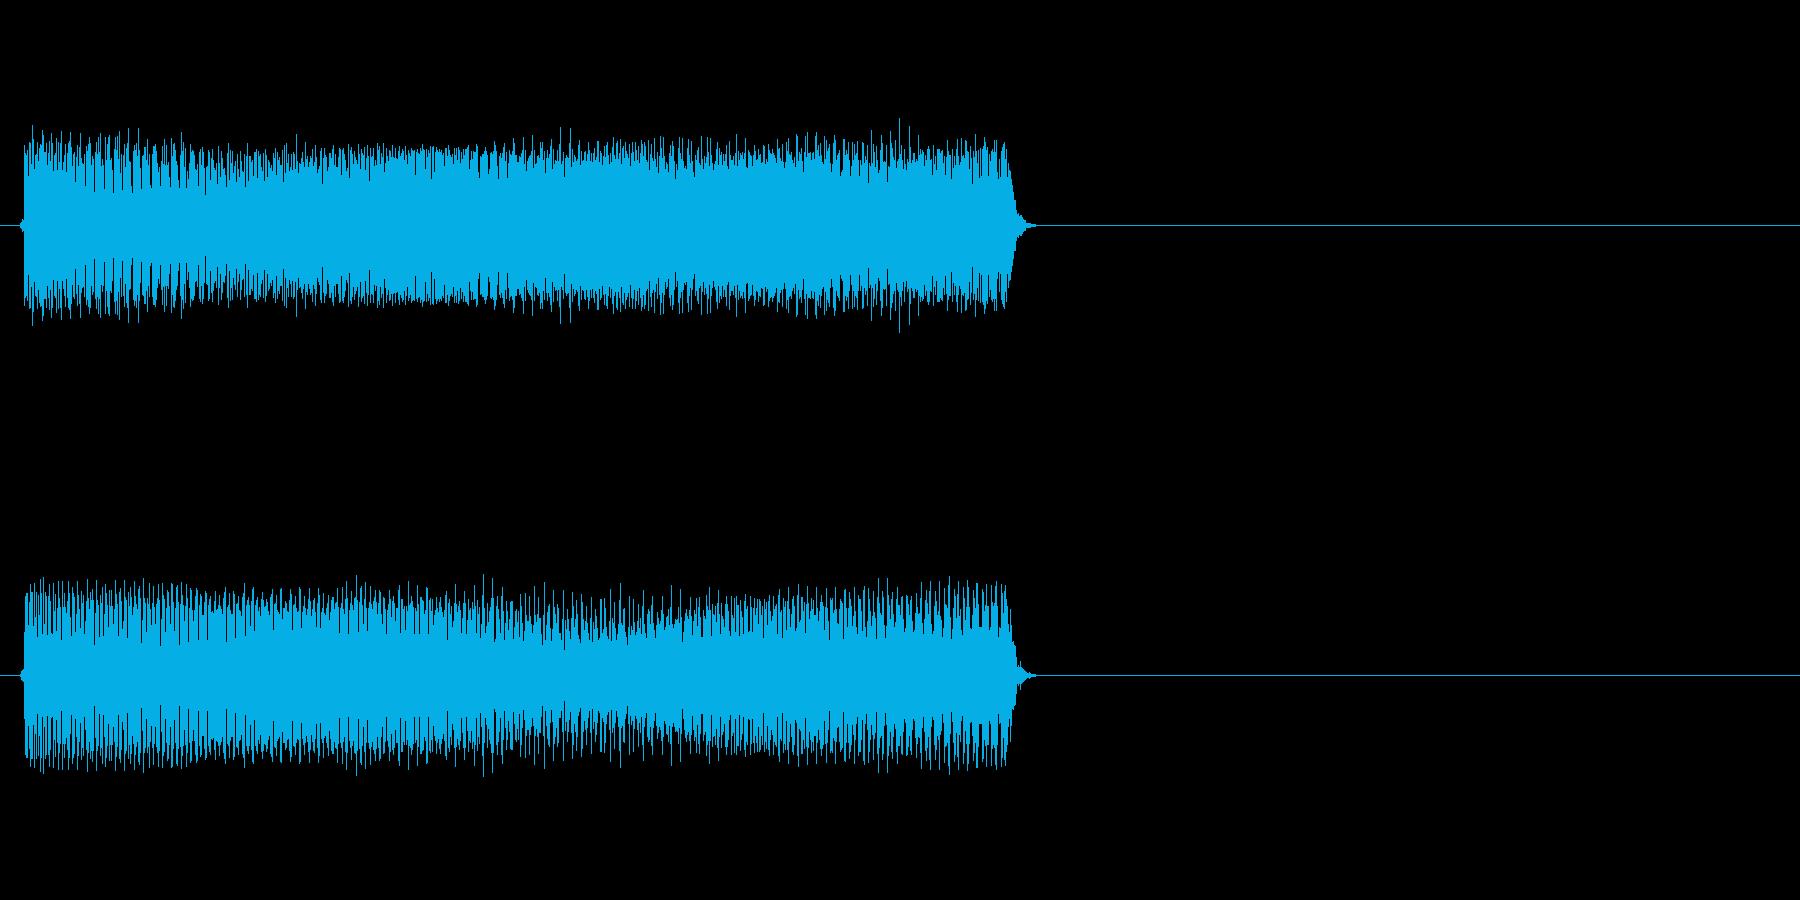 【ブー/ビー】というブザー音や不正解音の再生済みの波形